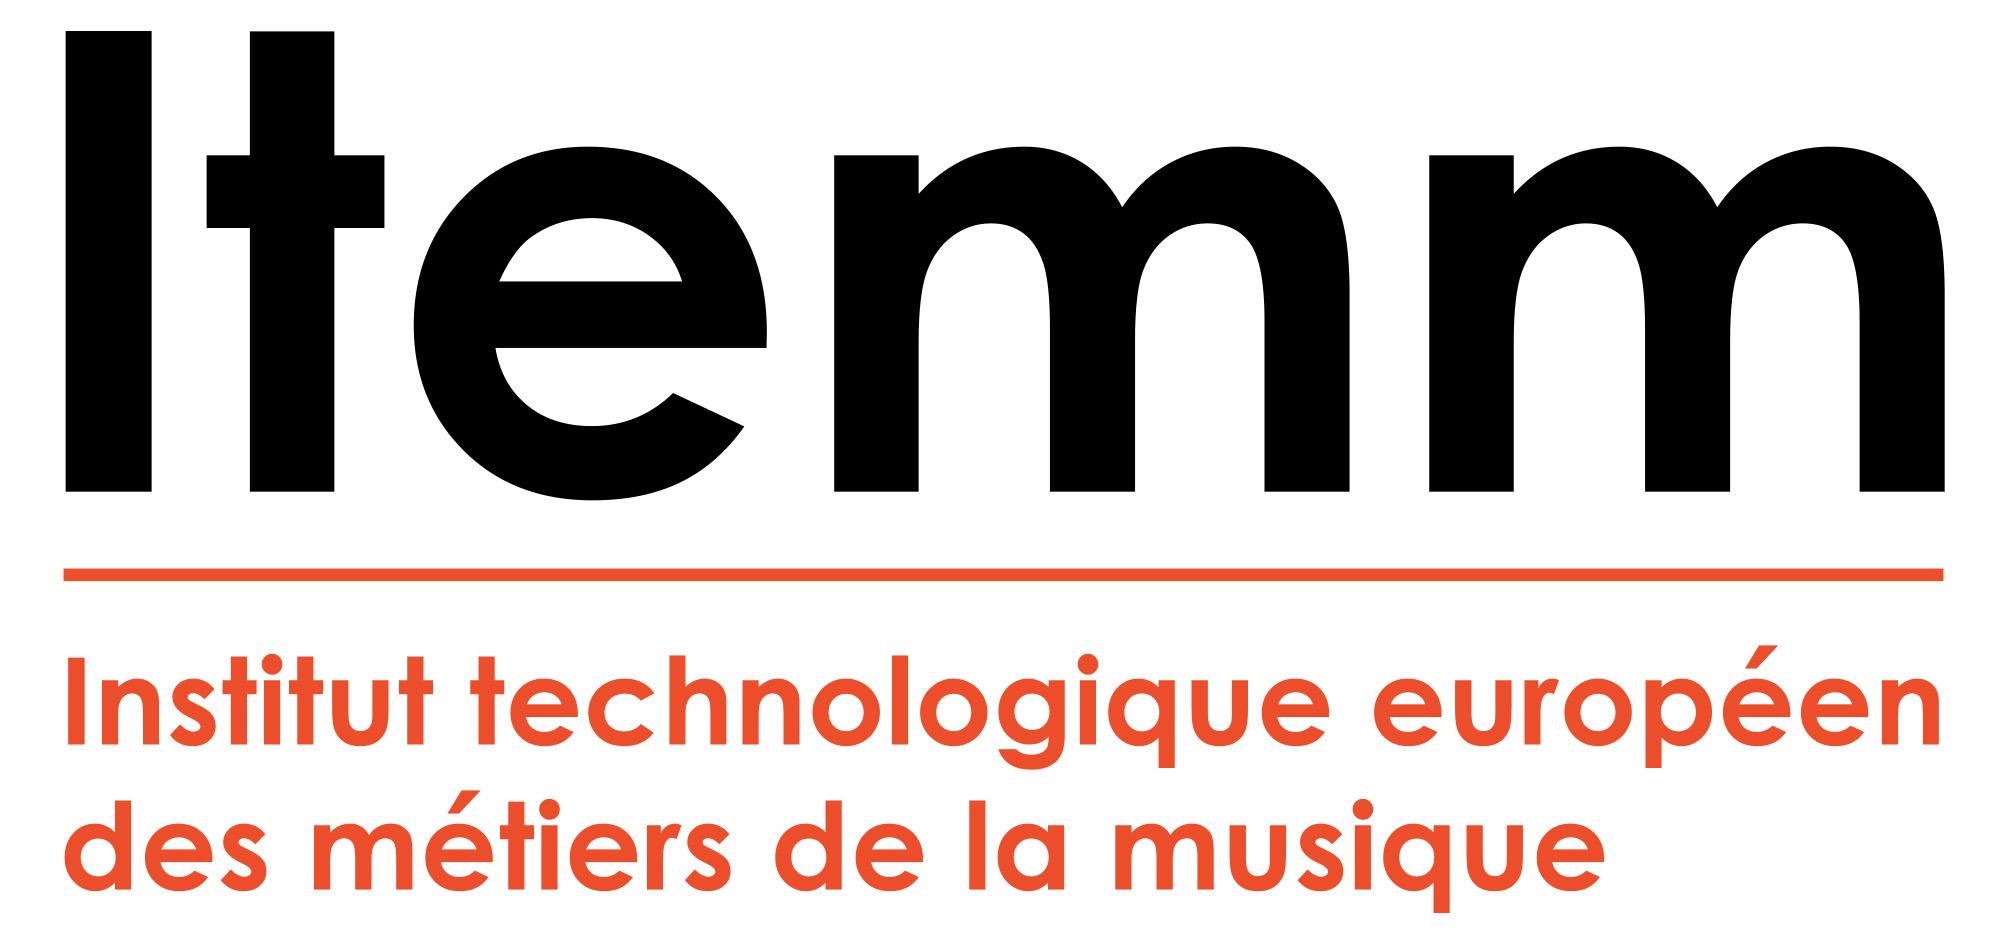 Logotype de Institut technologique européen des métiers de la musique (Itemm)